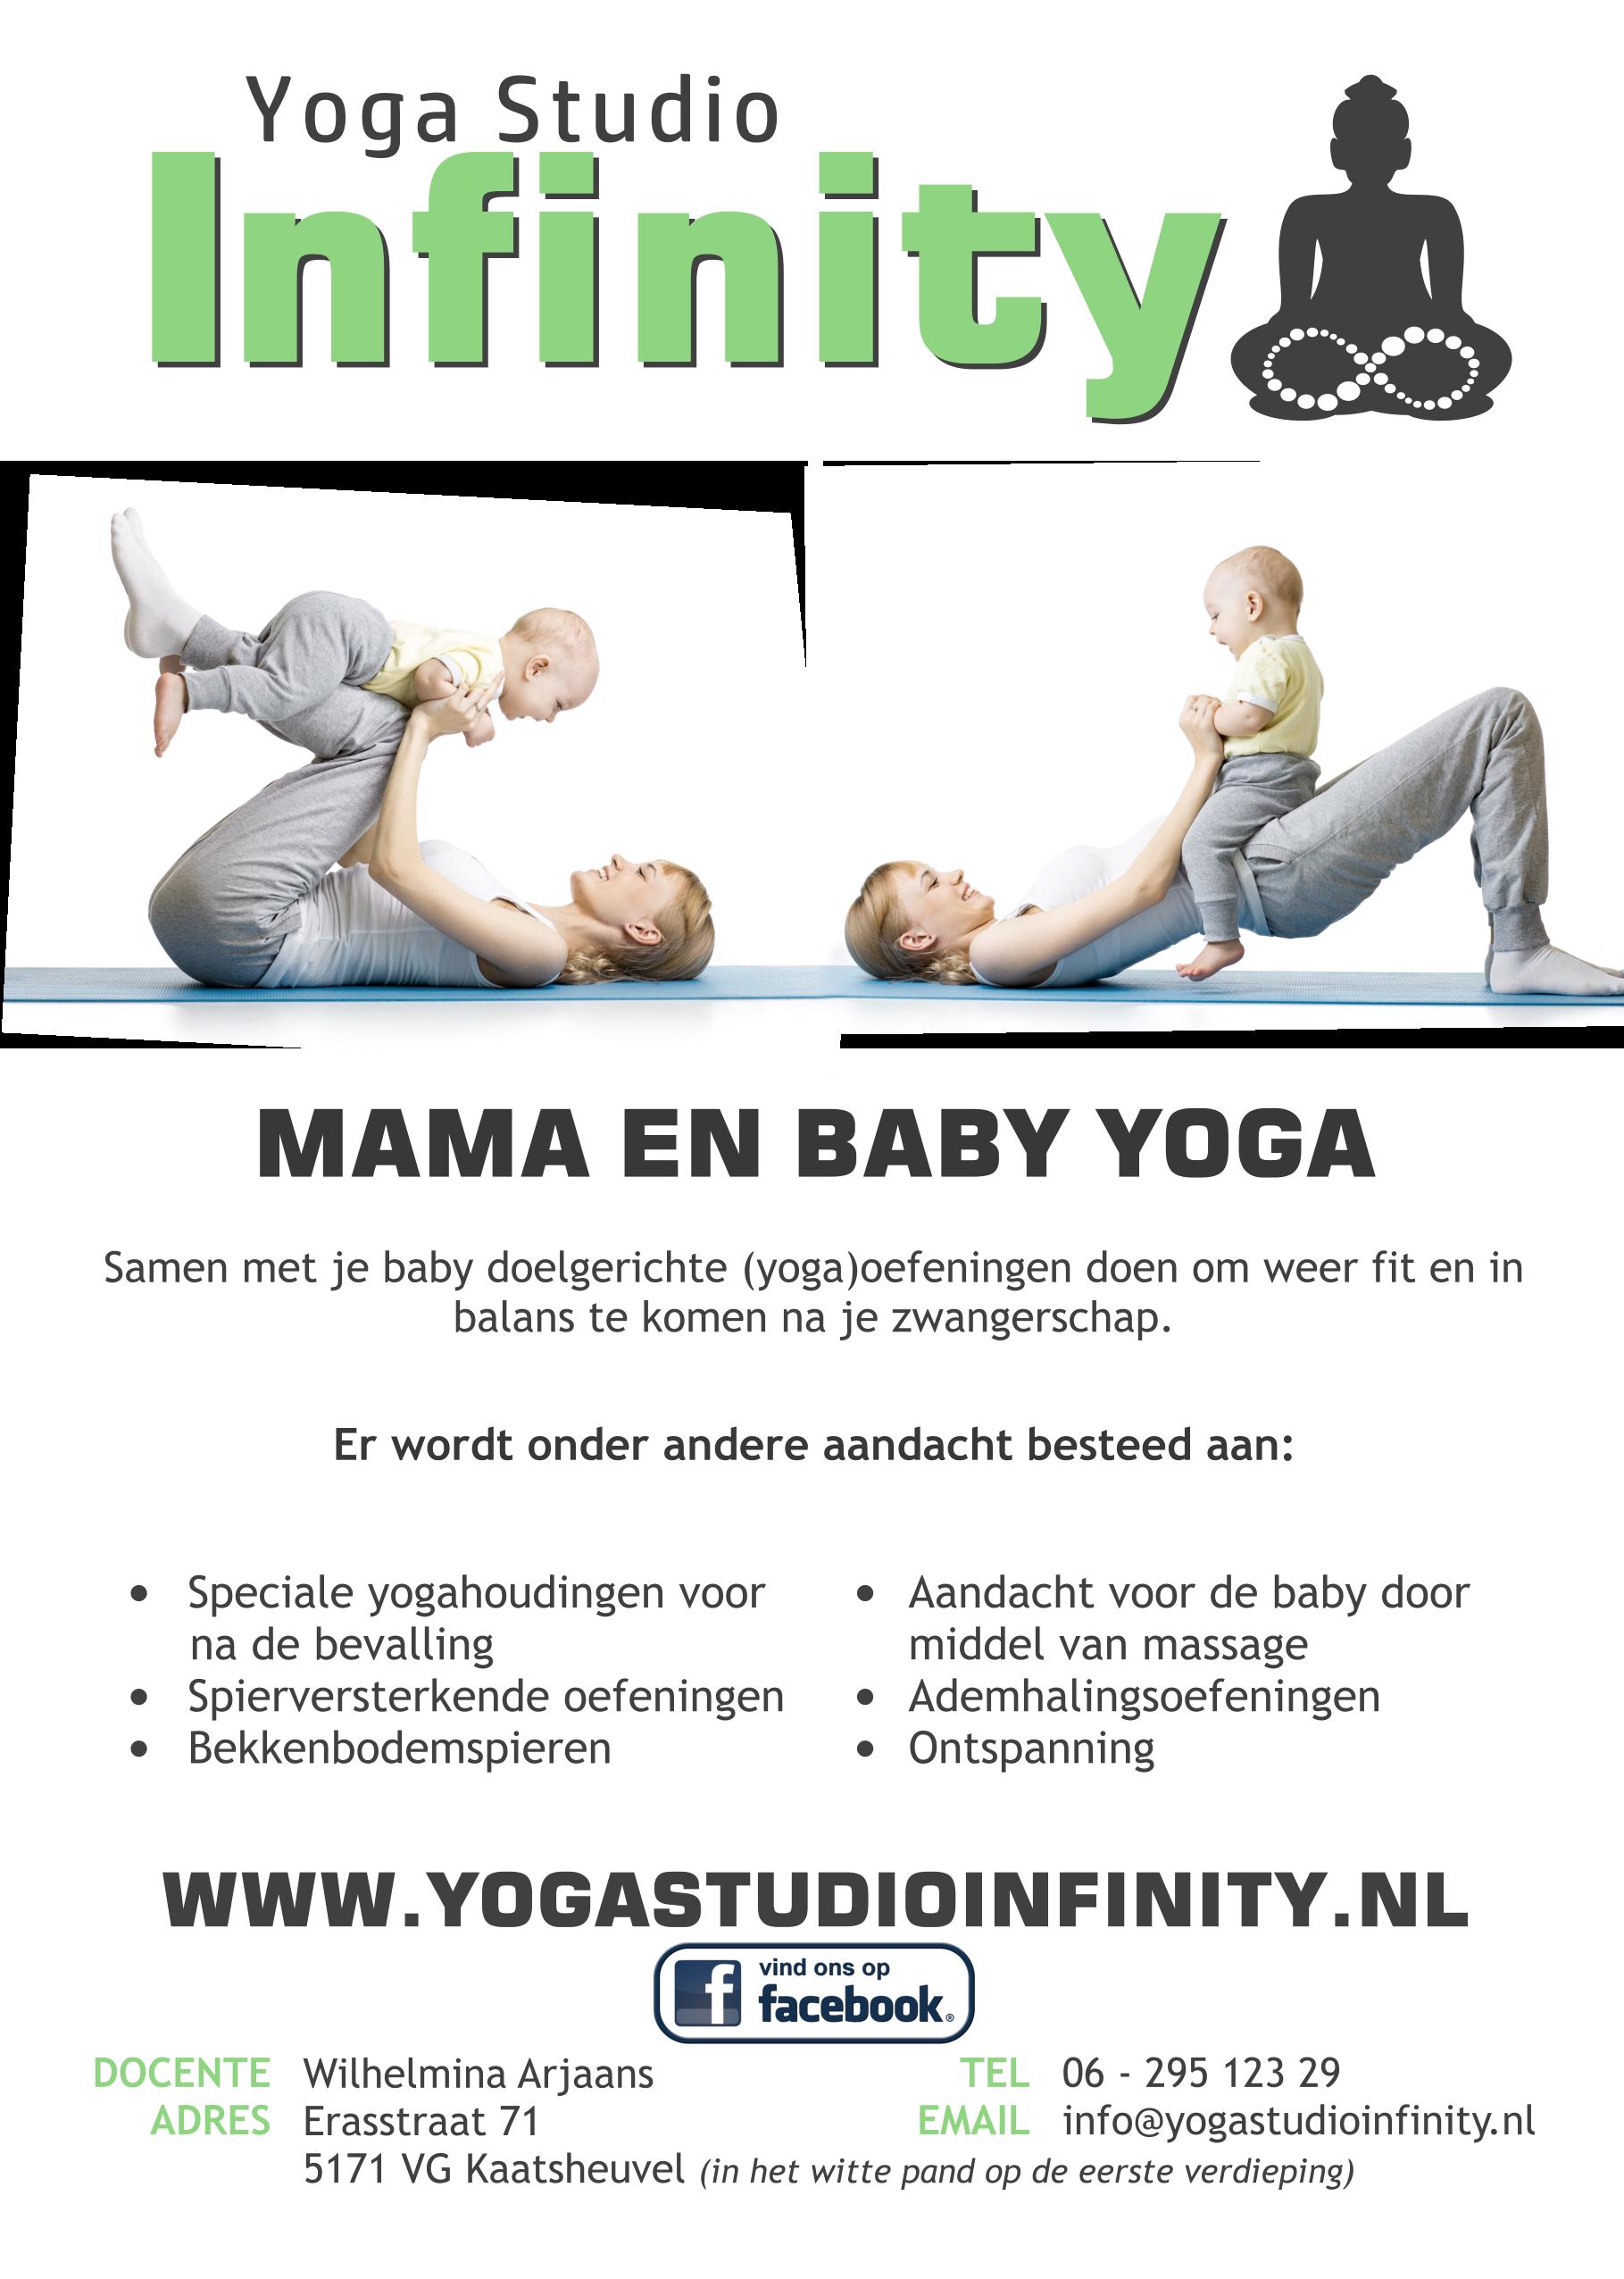 Flyer Zwangerschapsyoga en Mama en Baby yoga, zwangerschap, zwangerschapsyoga, infinity, yoga studio infinity, studui, yoga